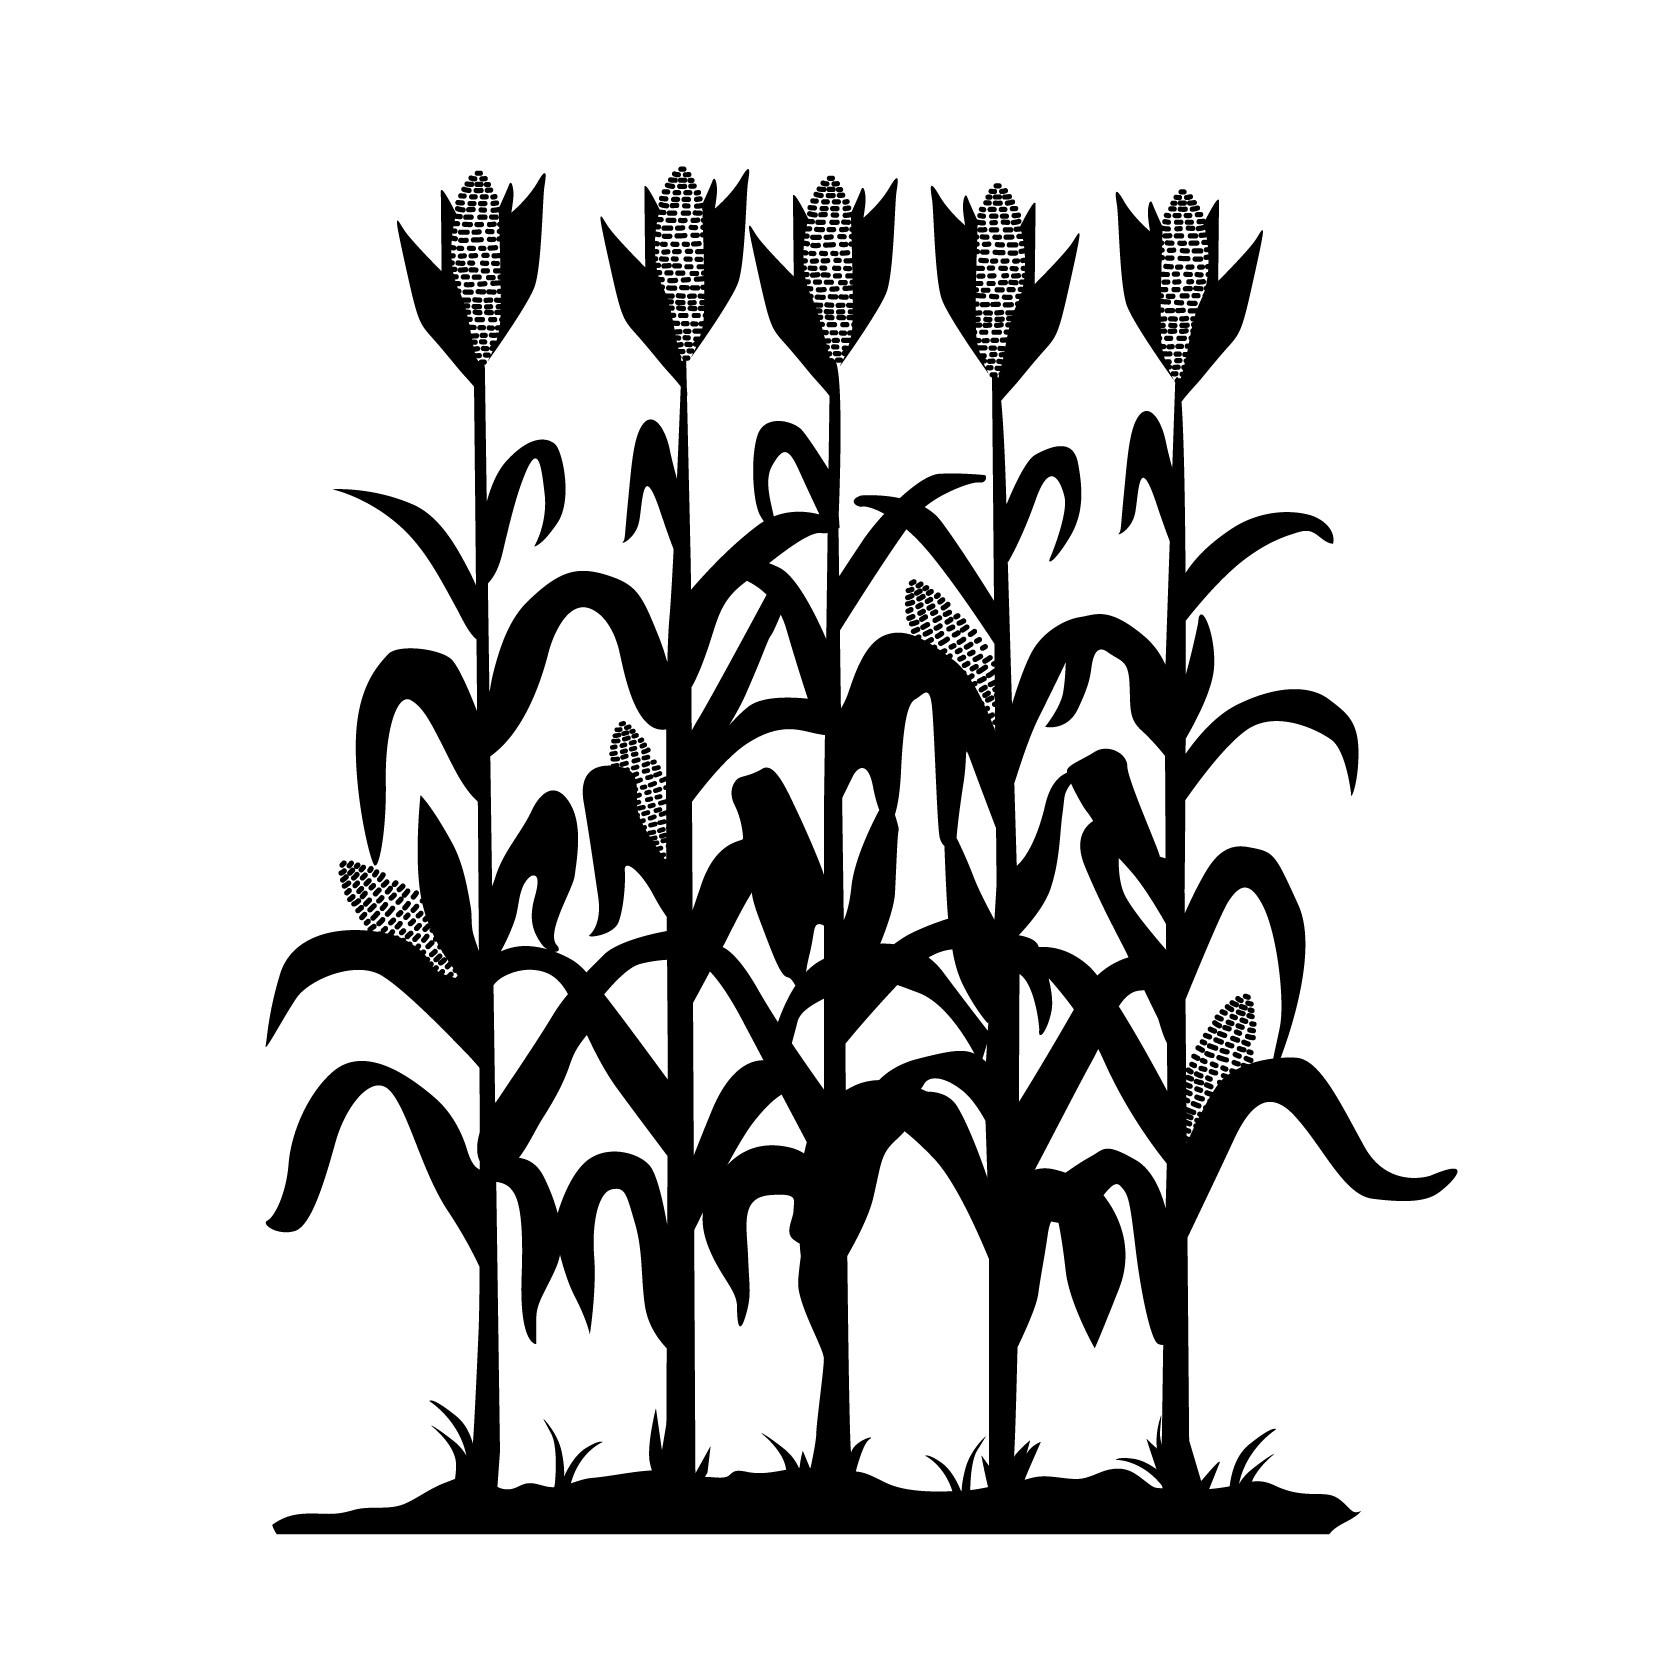 Corn Stalk Silhouette Clipart Free 20 Free Cliparts